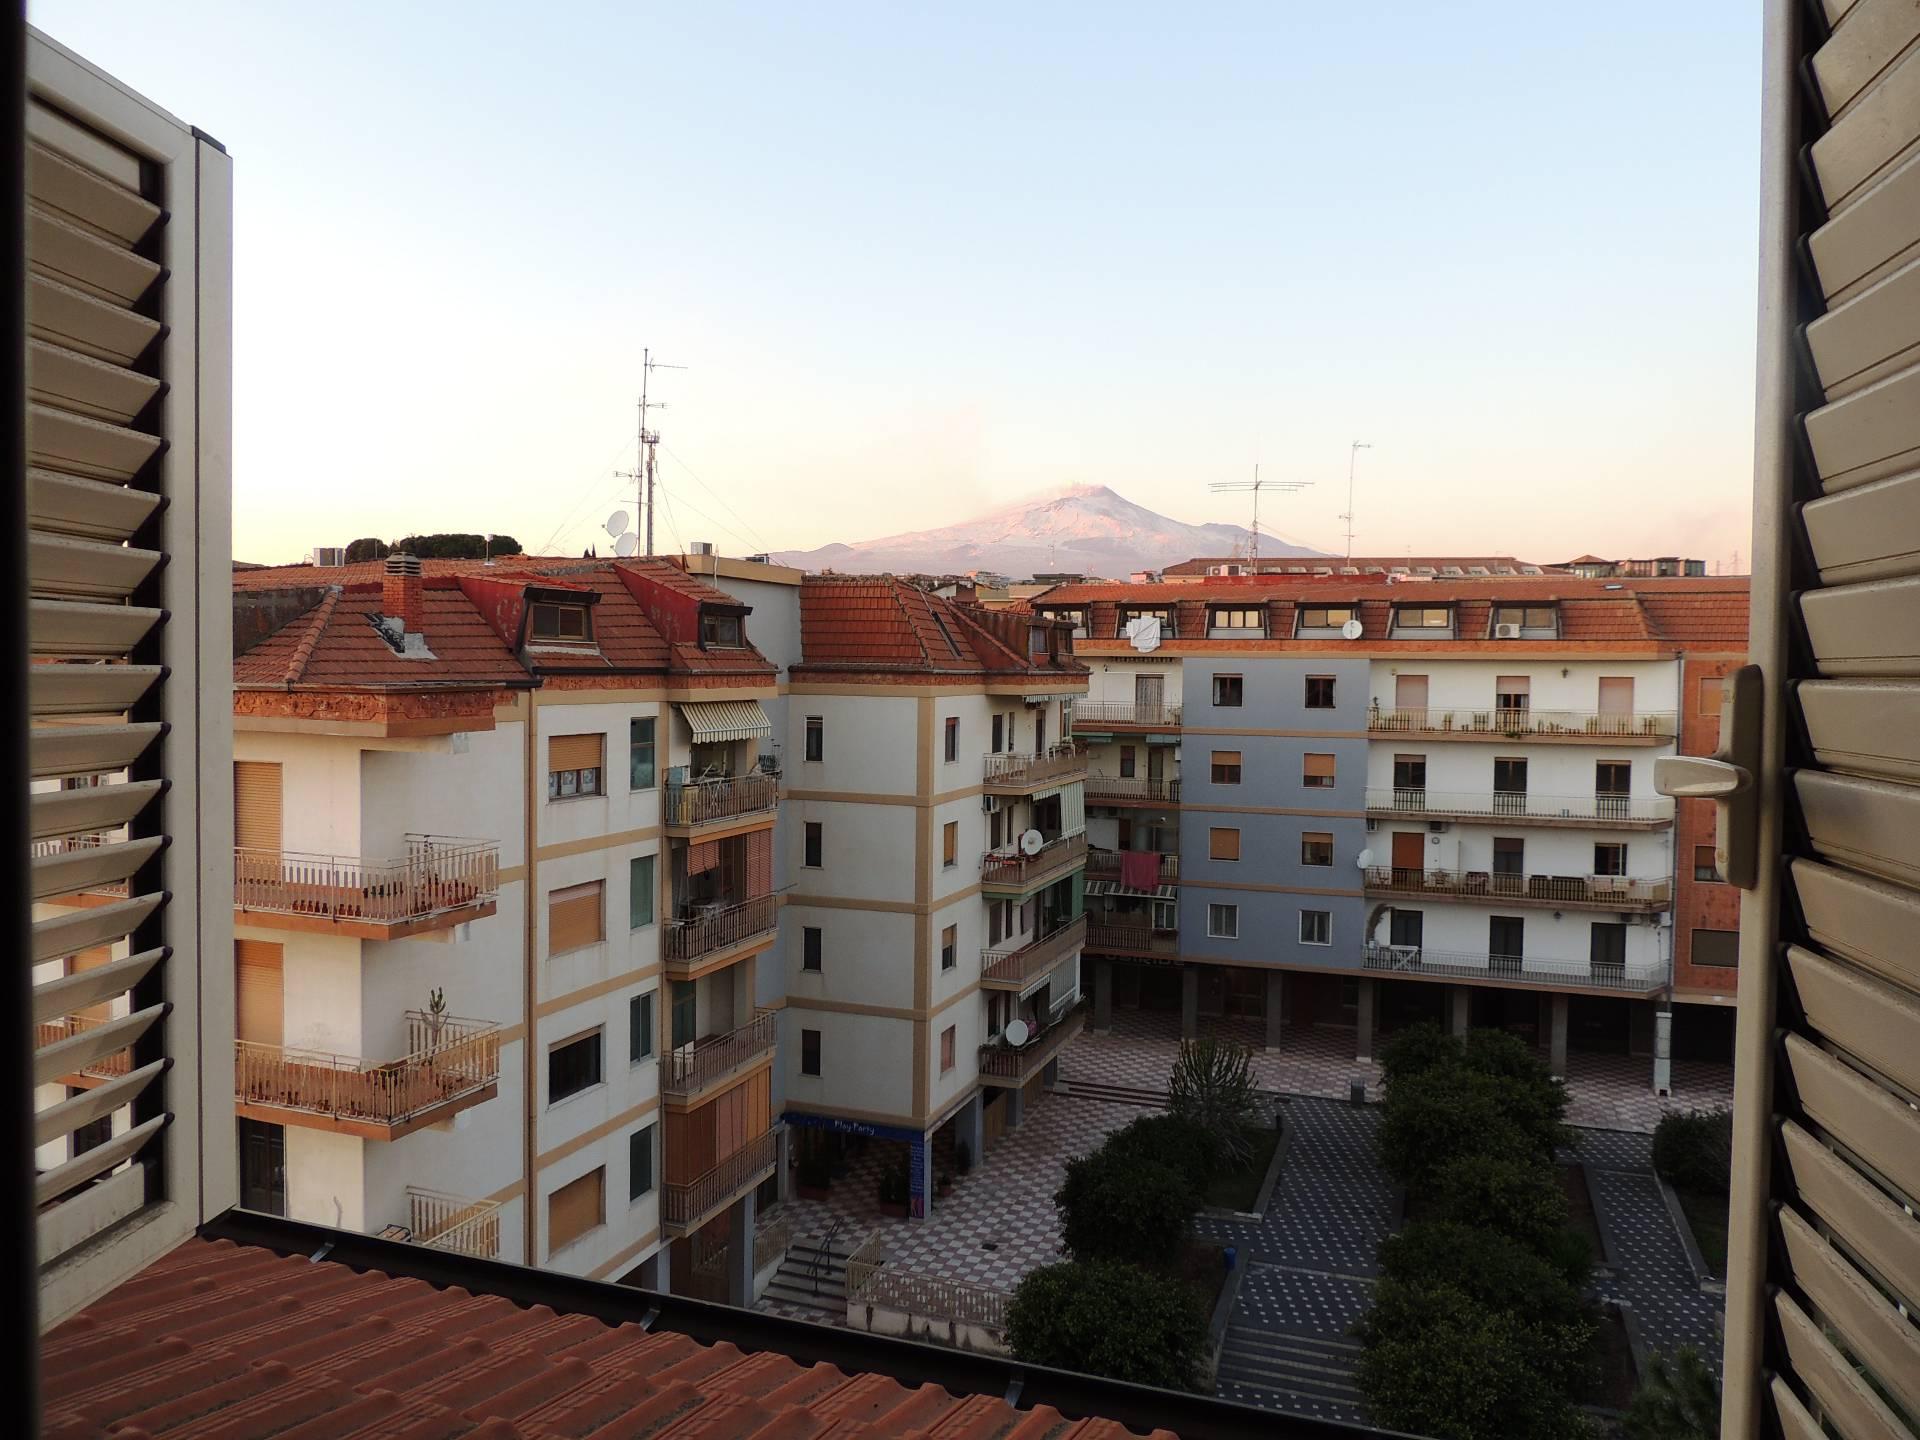 Attico / Mansarda in vendita a Gravina di Catania, 3 locali, zona Località: SanPaolo, prezzo € 155.000   Cambio Casa.it